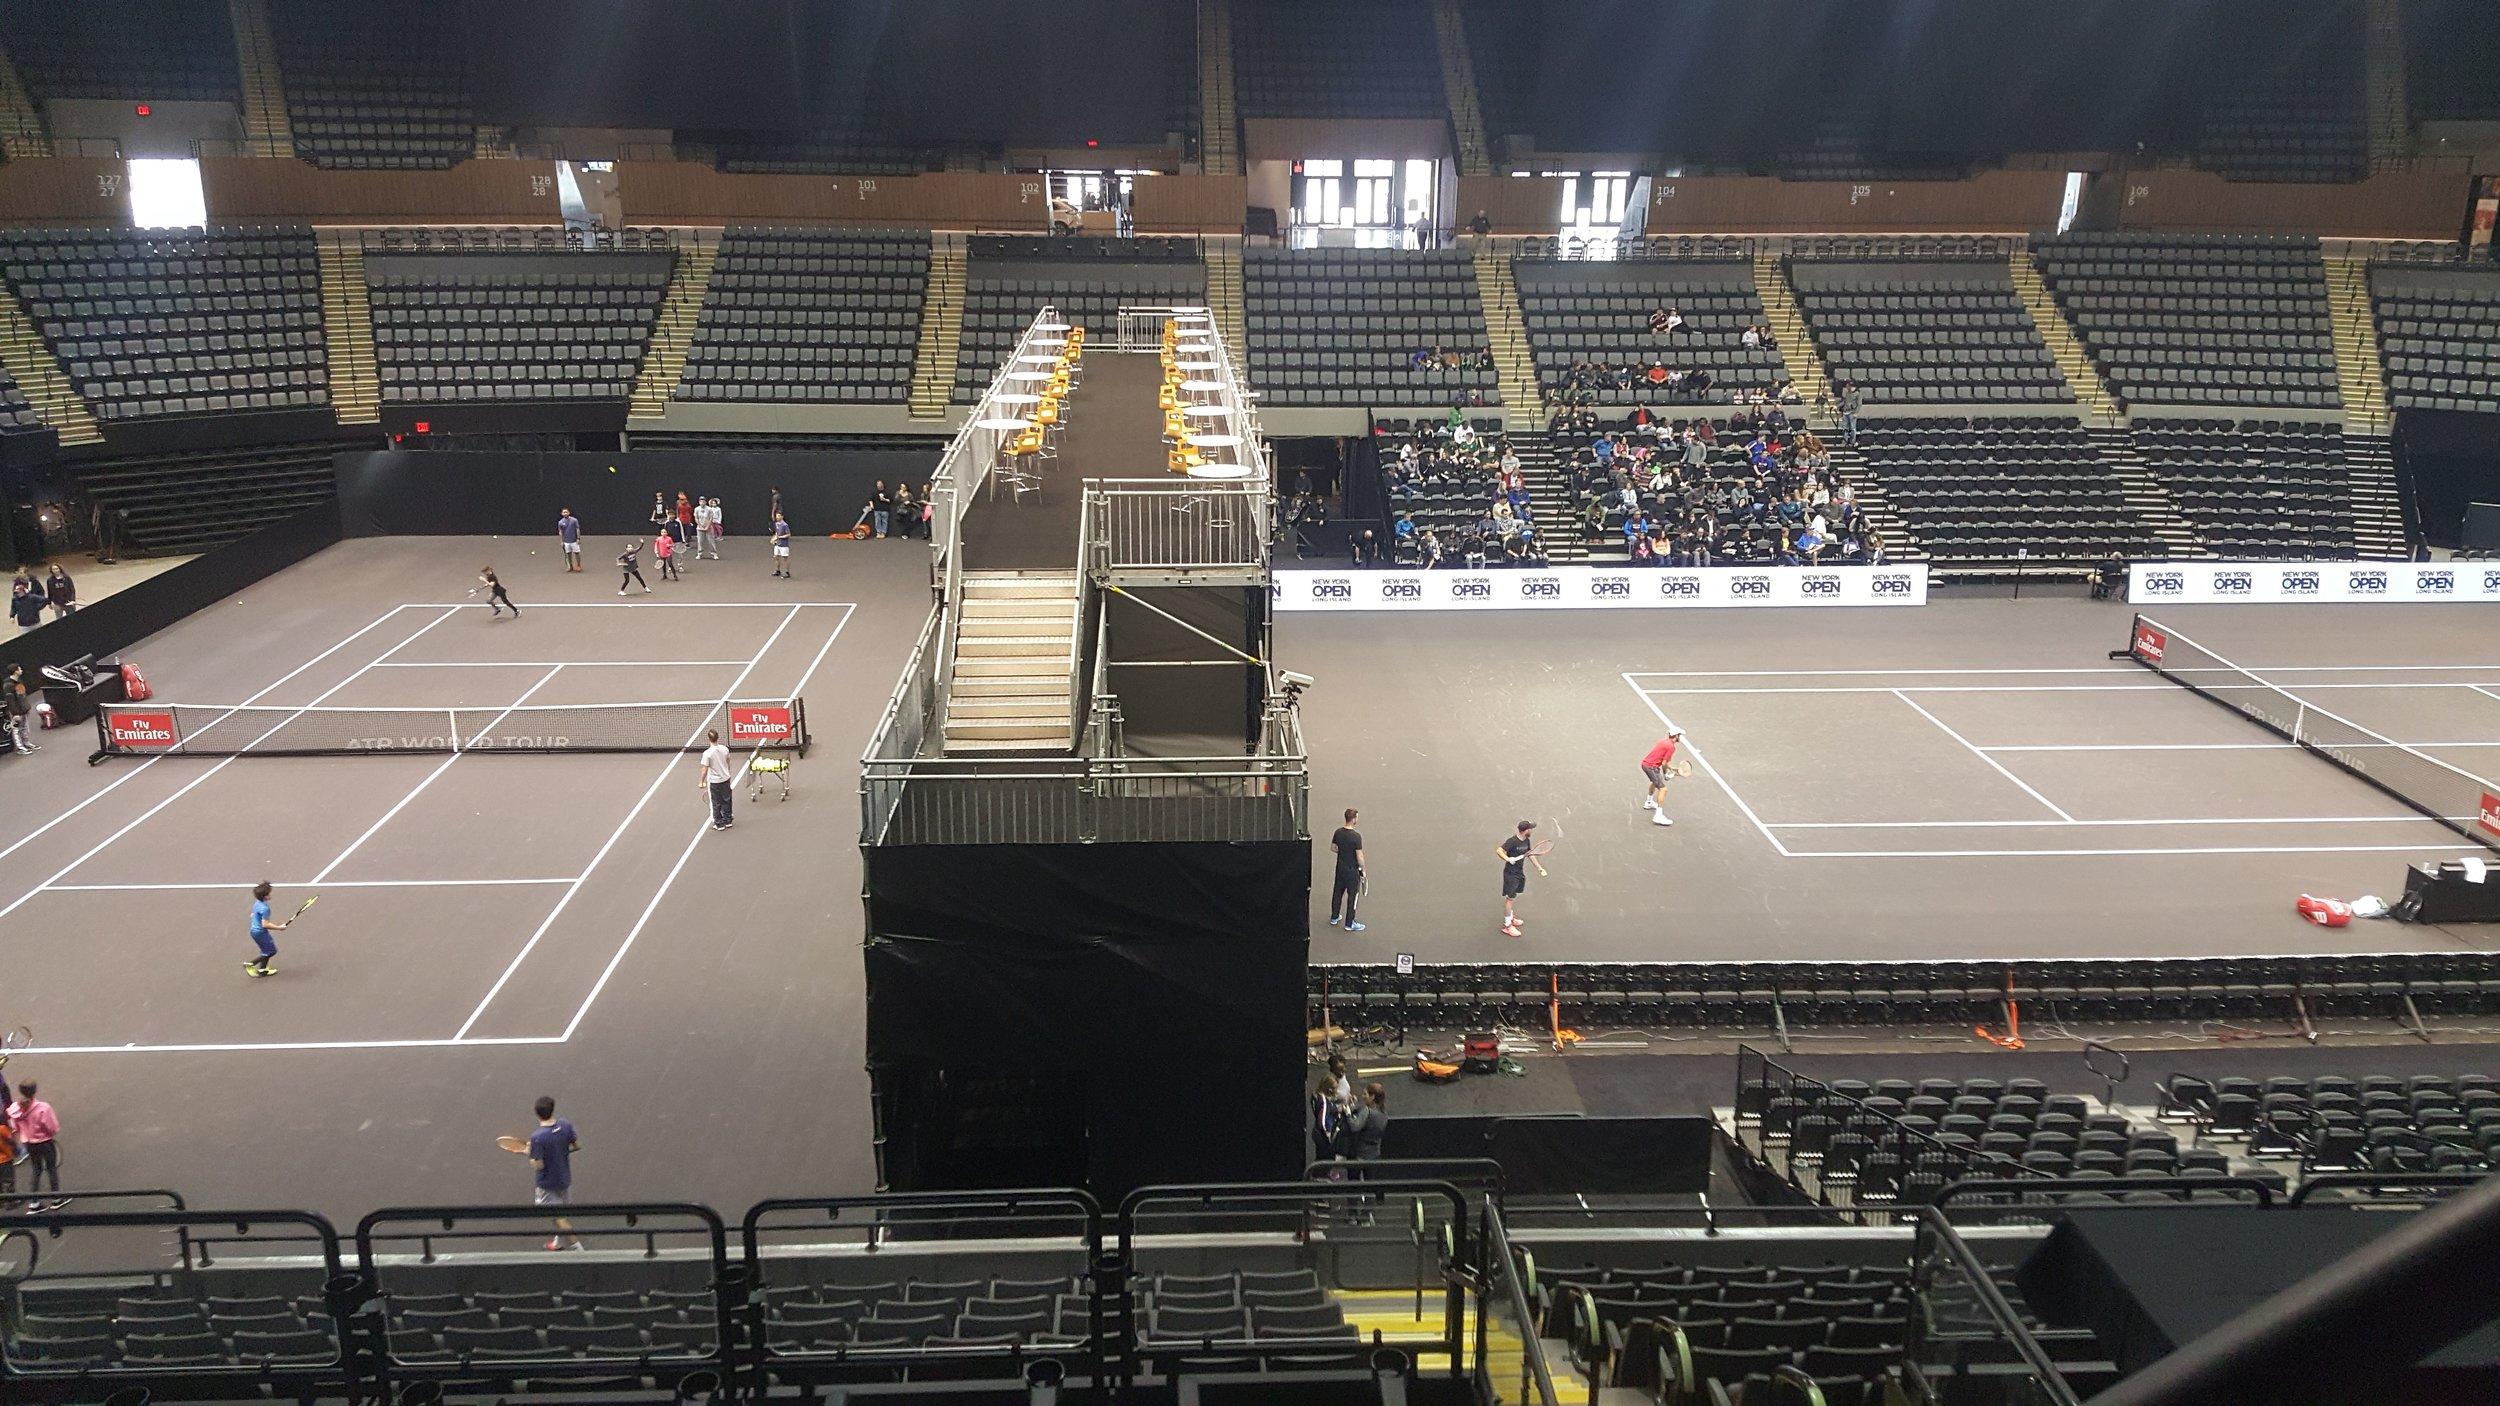 2018 NY Open Laykold Masters Rome.jpg